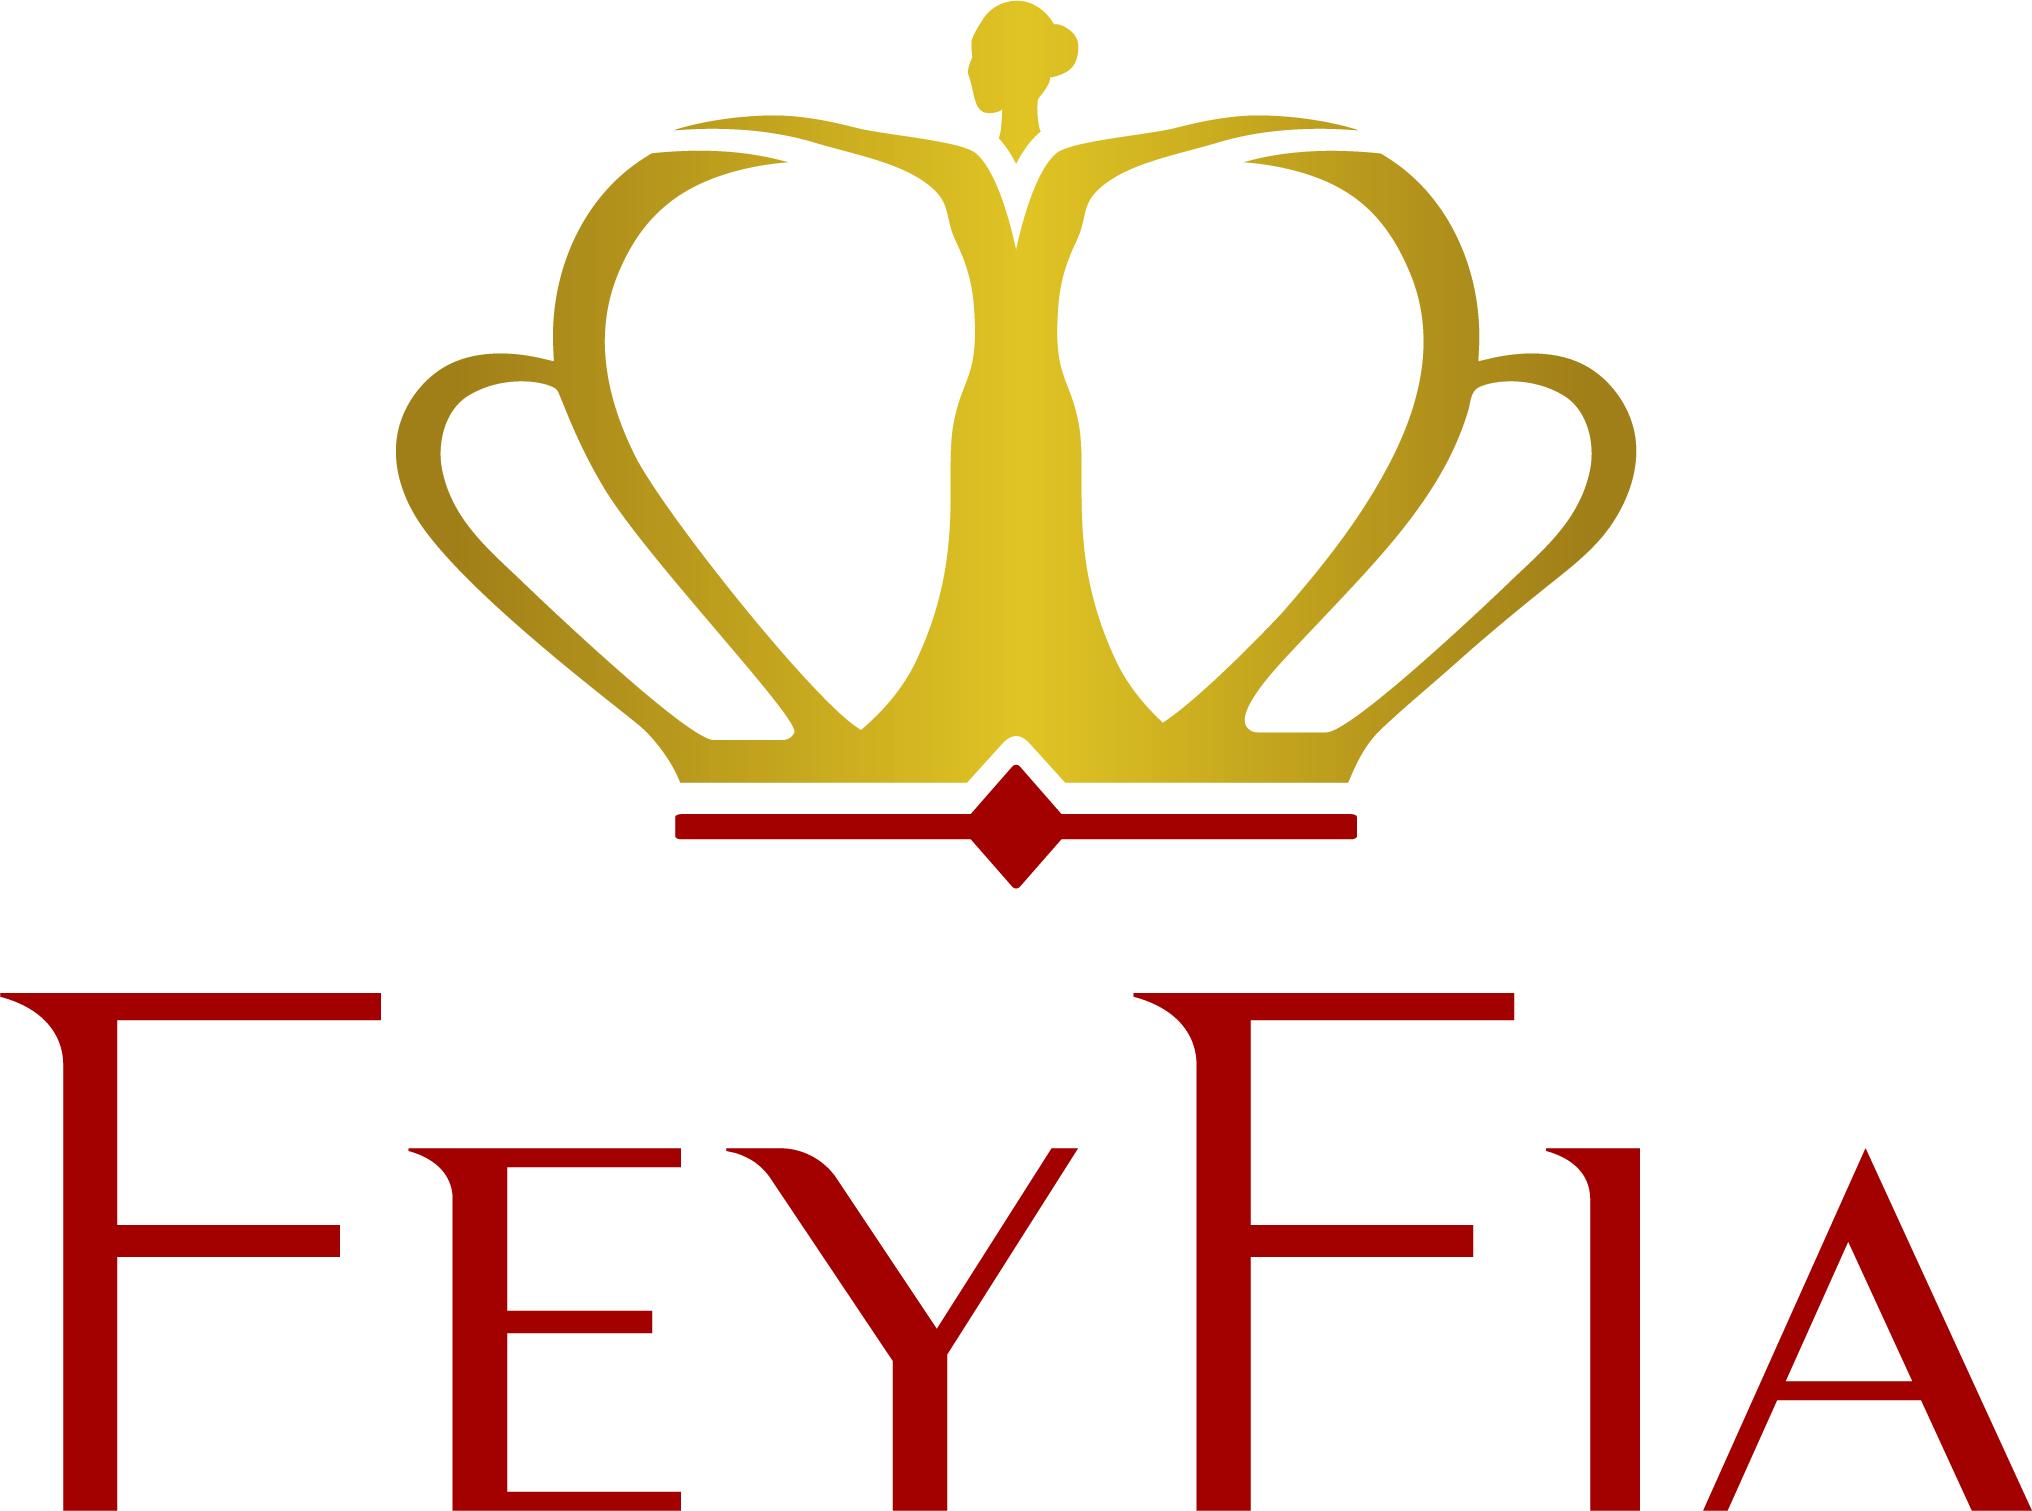 Erstelle ein Logo für unsere Schönheitsprodukte sodass eine Frau sich hübsch fühlt und stolz wird Teil einer Familie zu sein